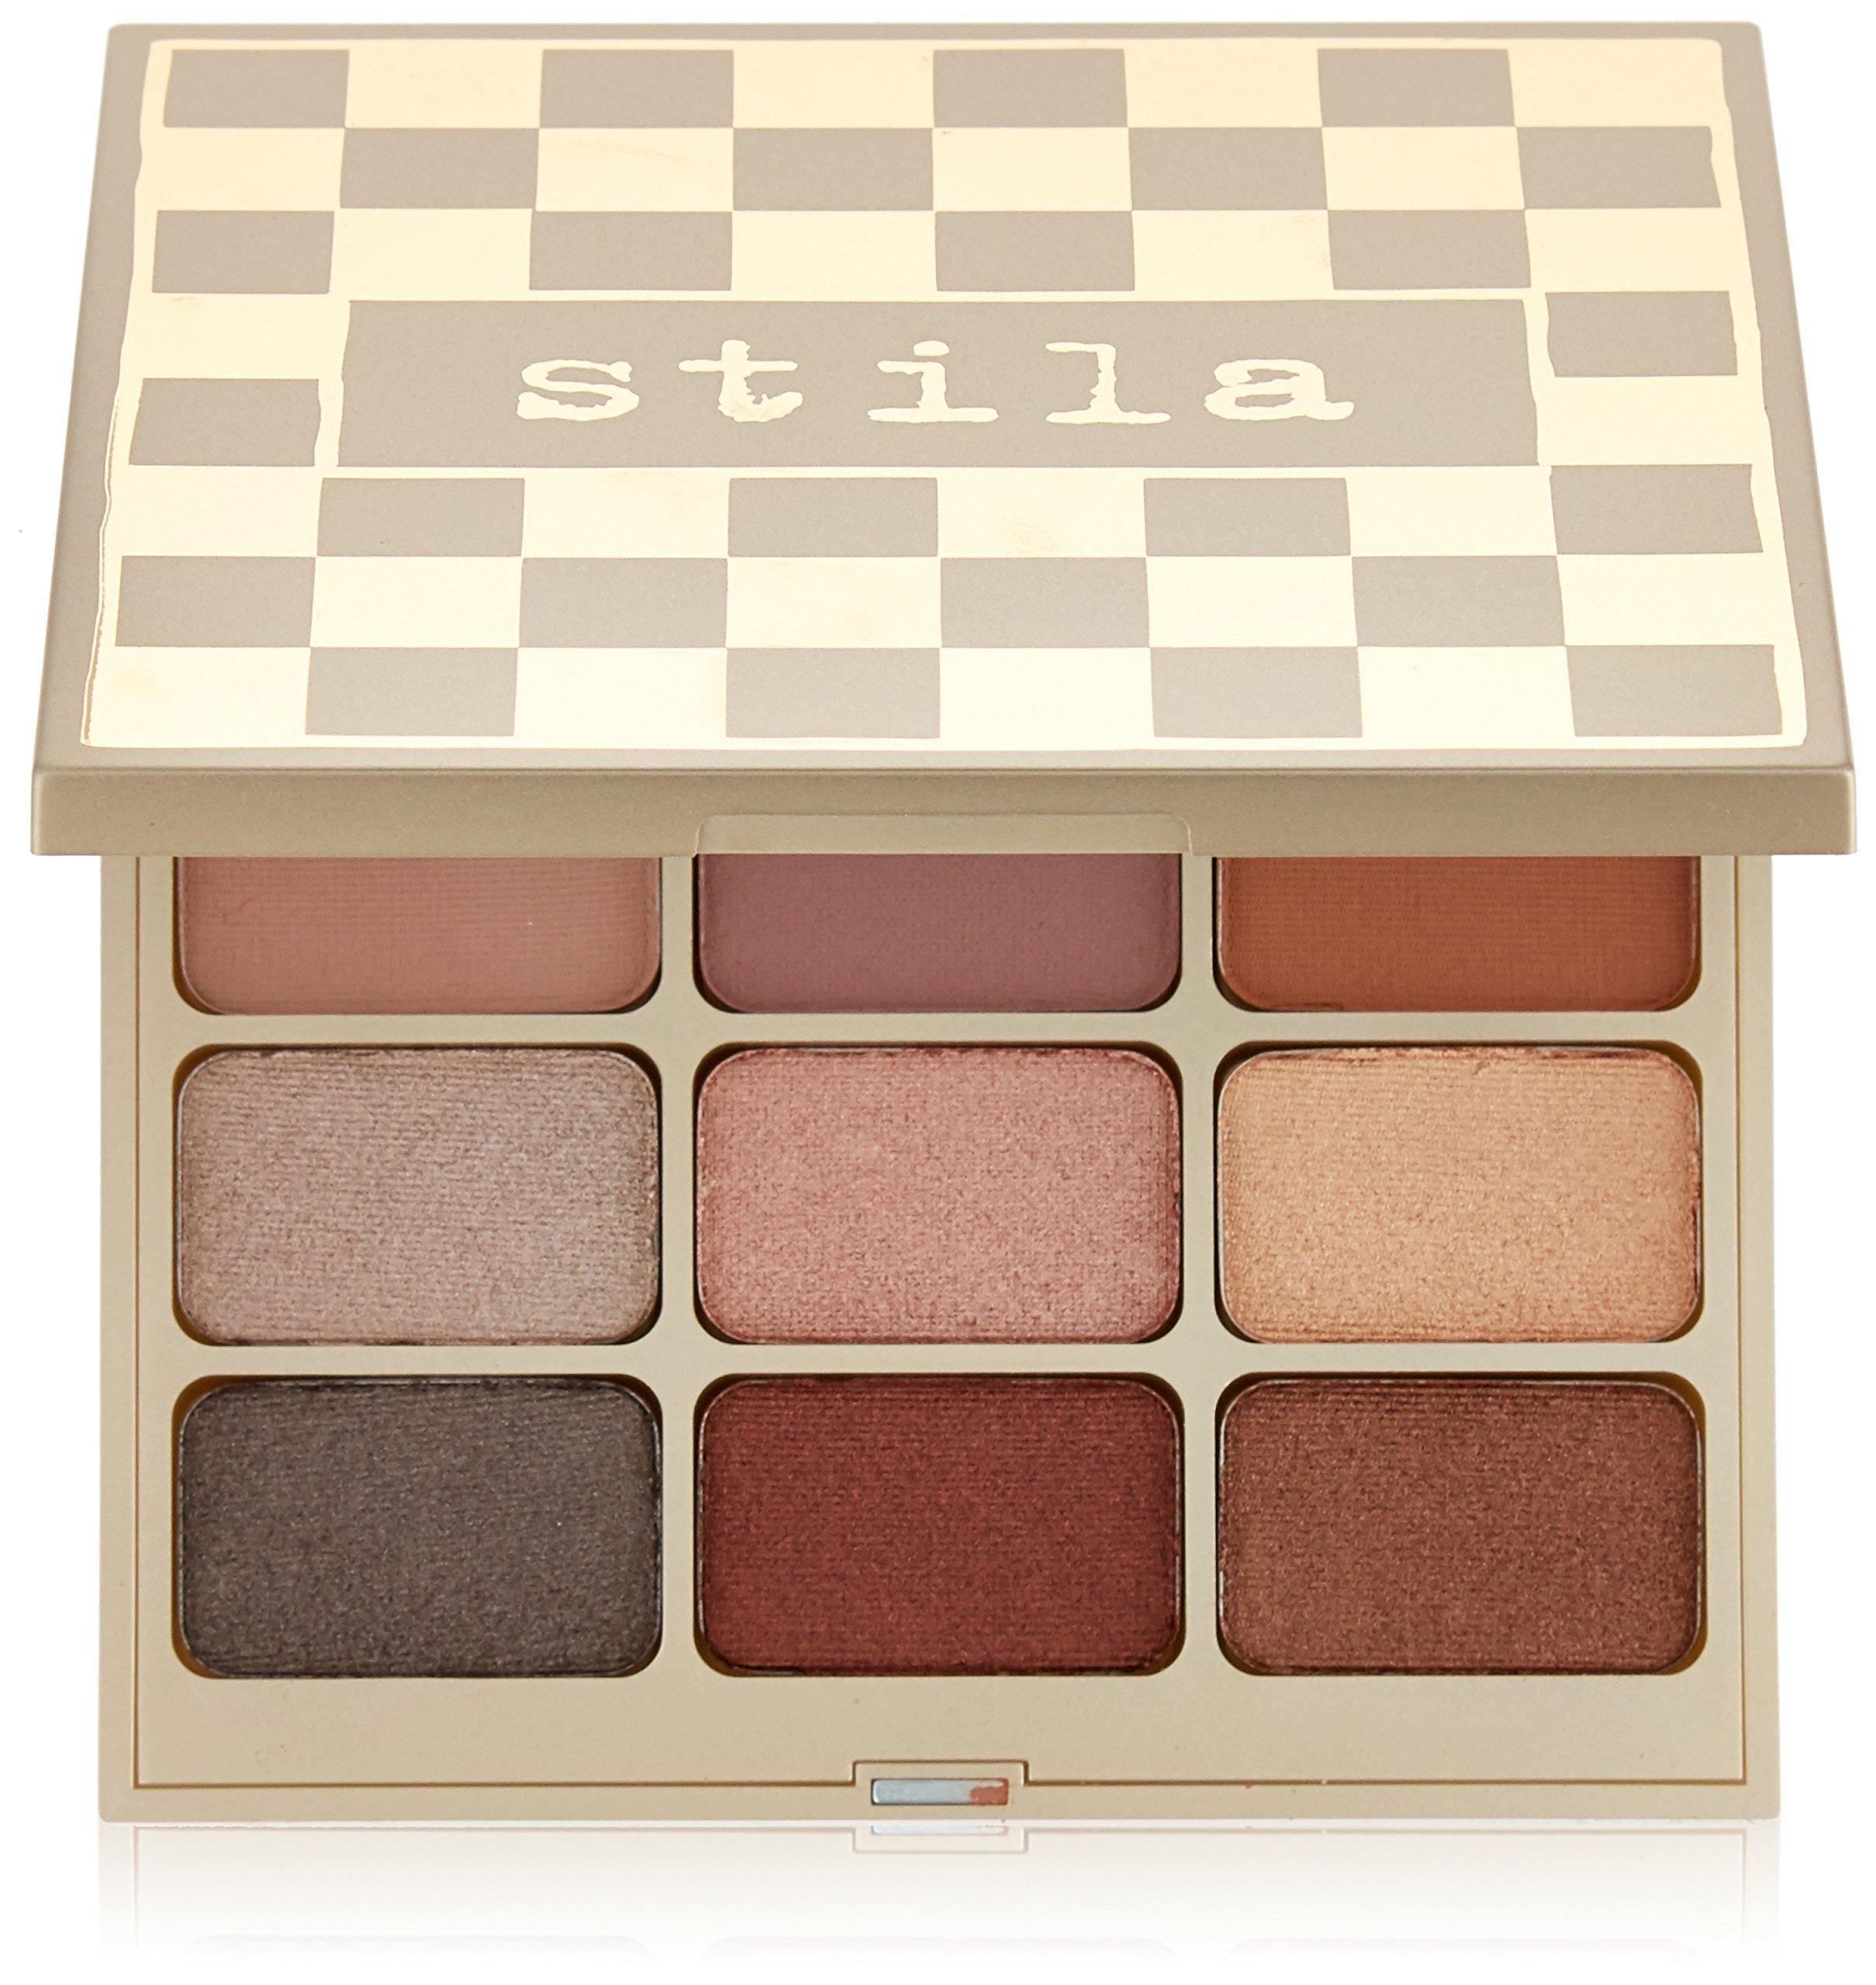 Amazon.com: Stila Matte U0027n Metal Eye Shadow Palette, 0.42 Oz.: Stila:  Luxury Beauty